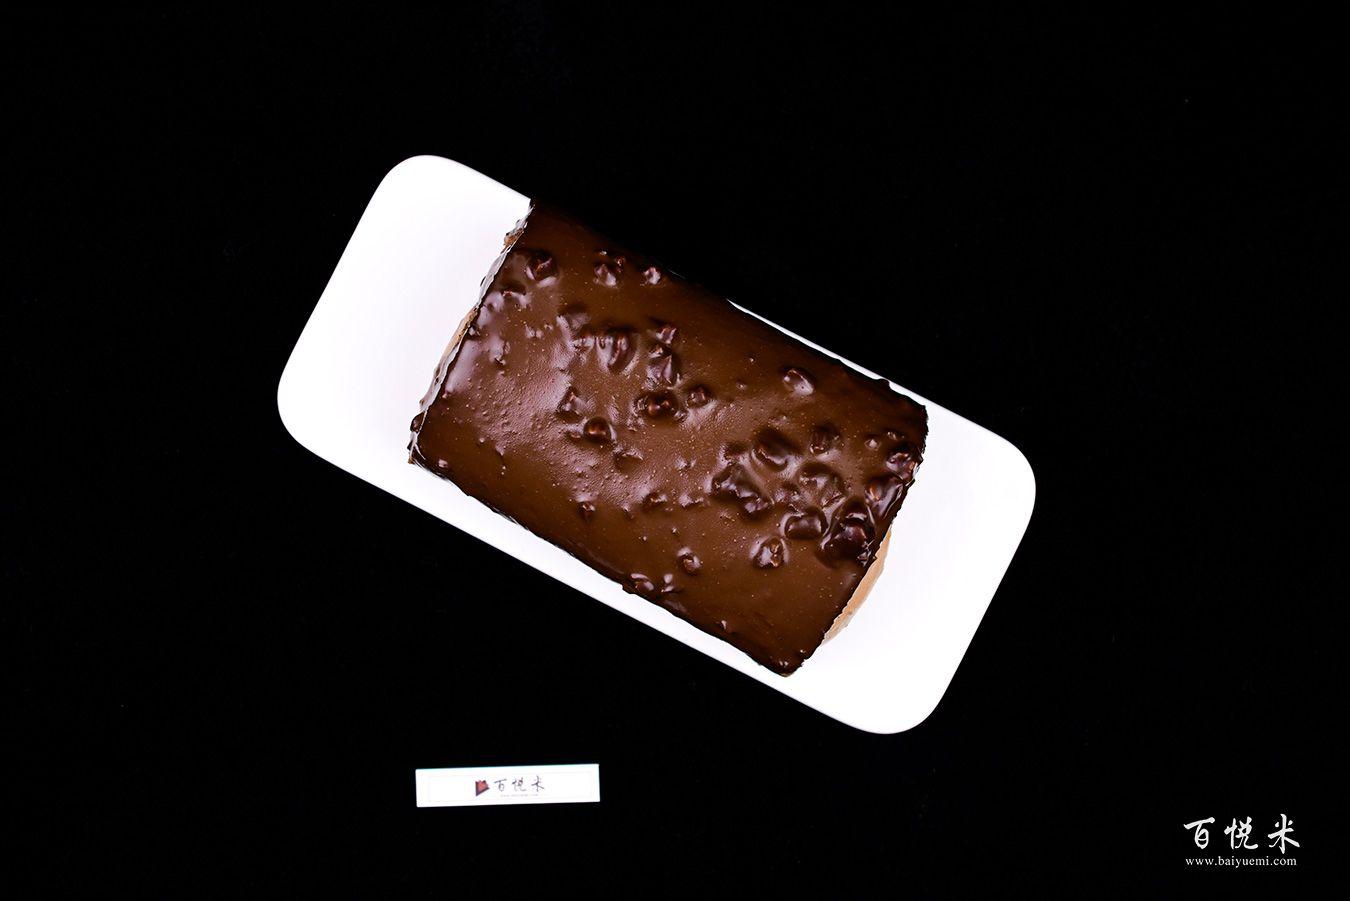 巧克力梦龙卷高清图片大全【蛋糕图片】_962